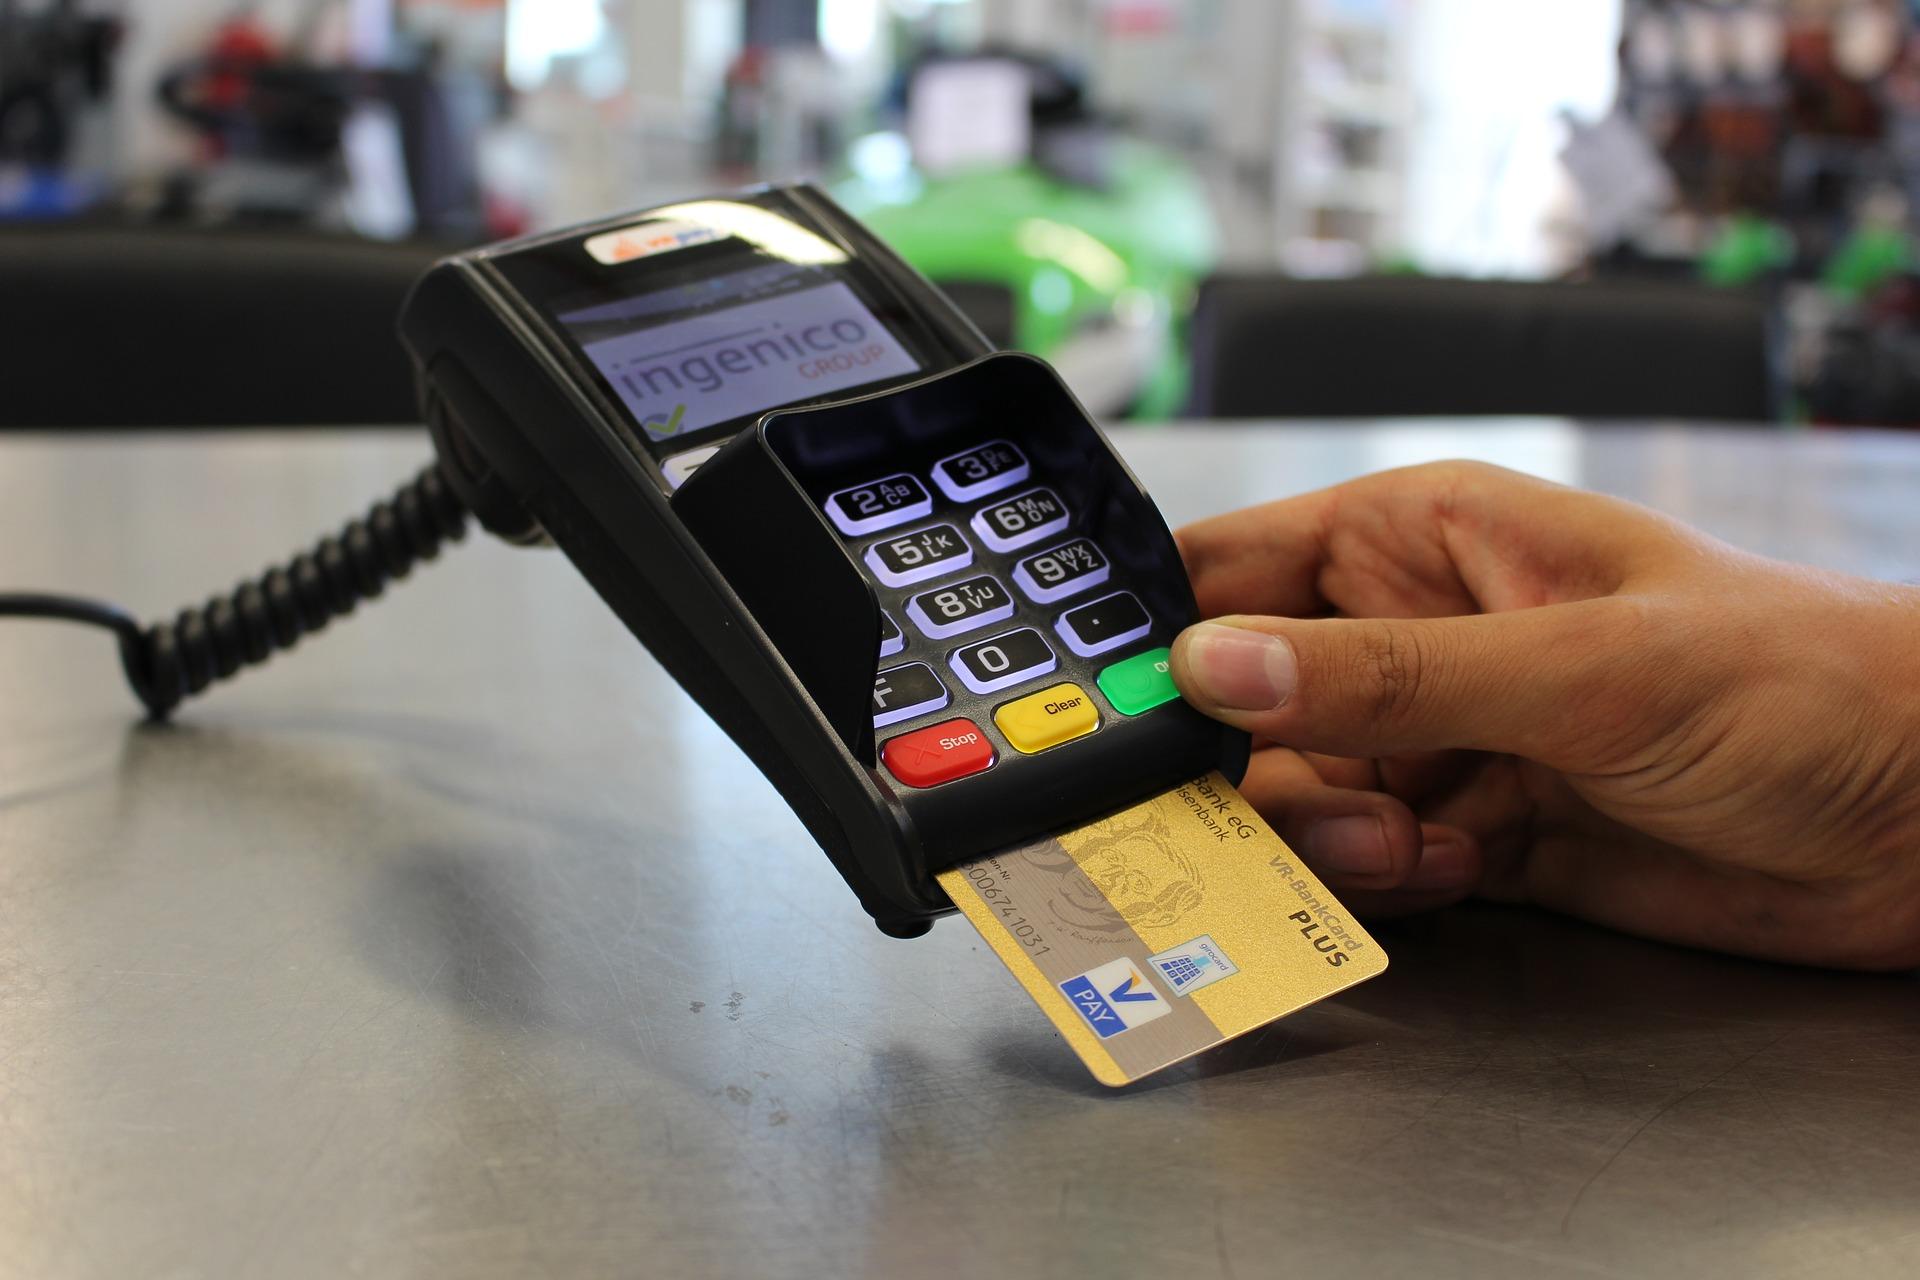 ec-cash-1750490_1920